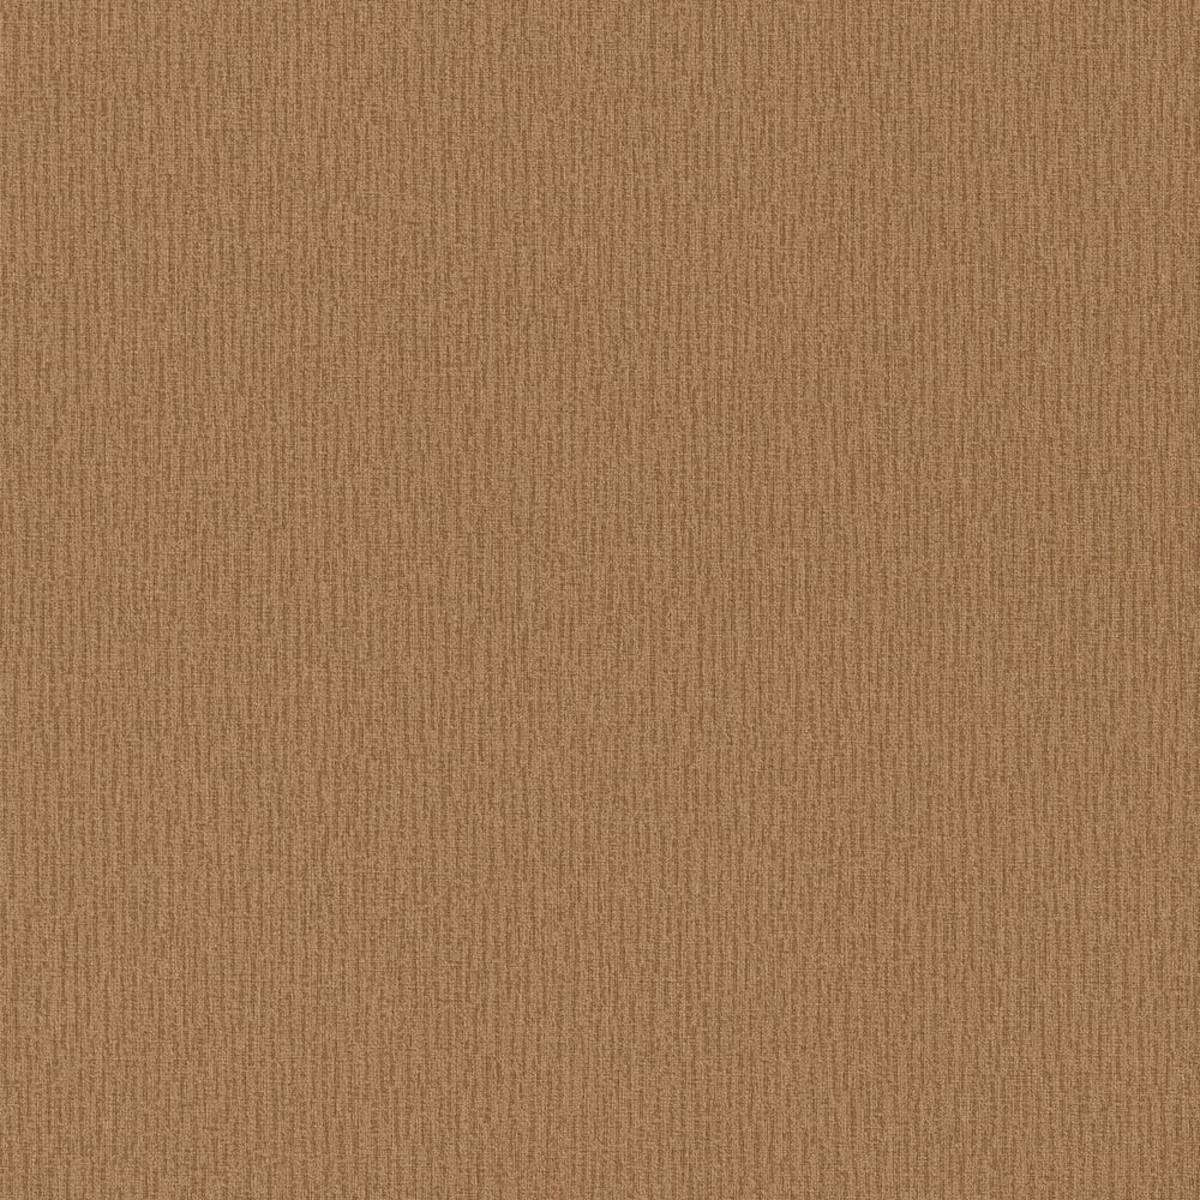 Обои флизелиновые Rasch Gentle Elegance 2016 коричневые 0.53 м 724073